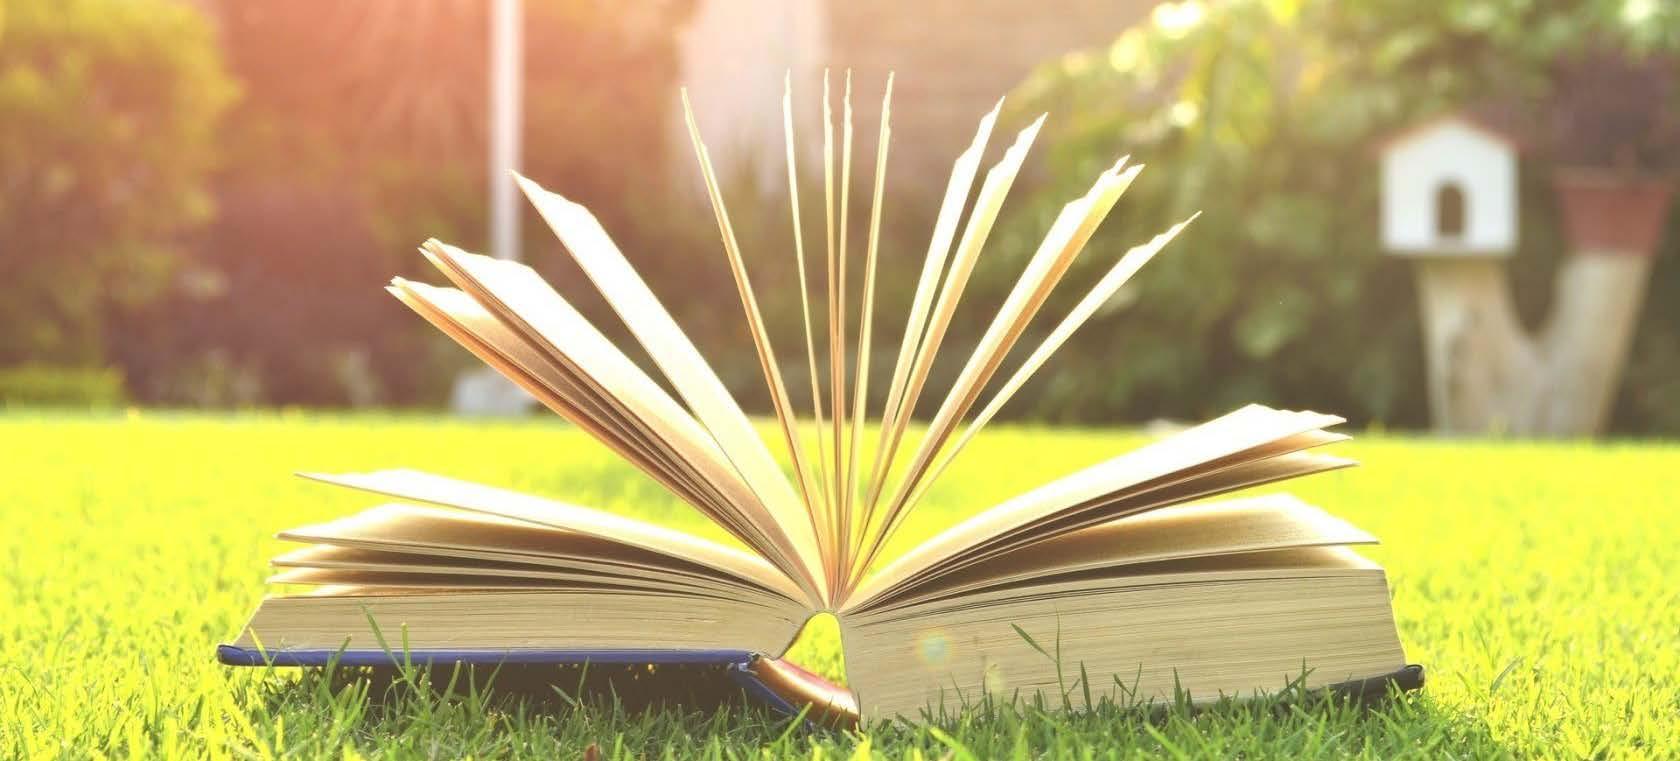 طرح ویژه موسسه آموزشی کنکور آسان است برای تابستان (پذیرش تعداد محدود)